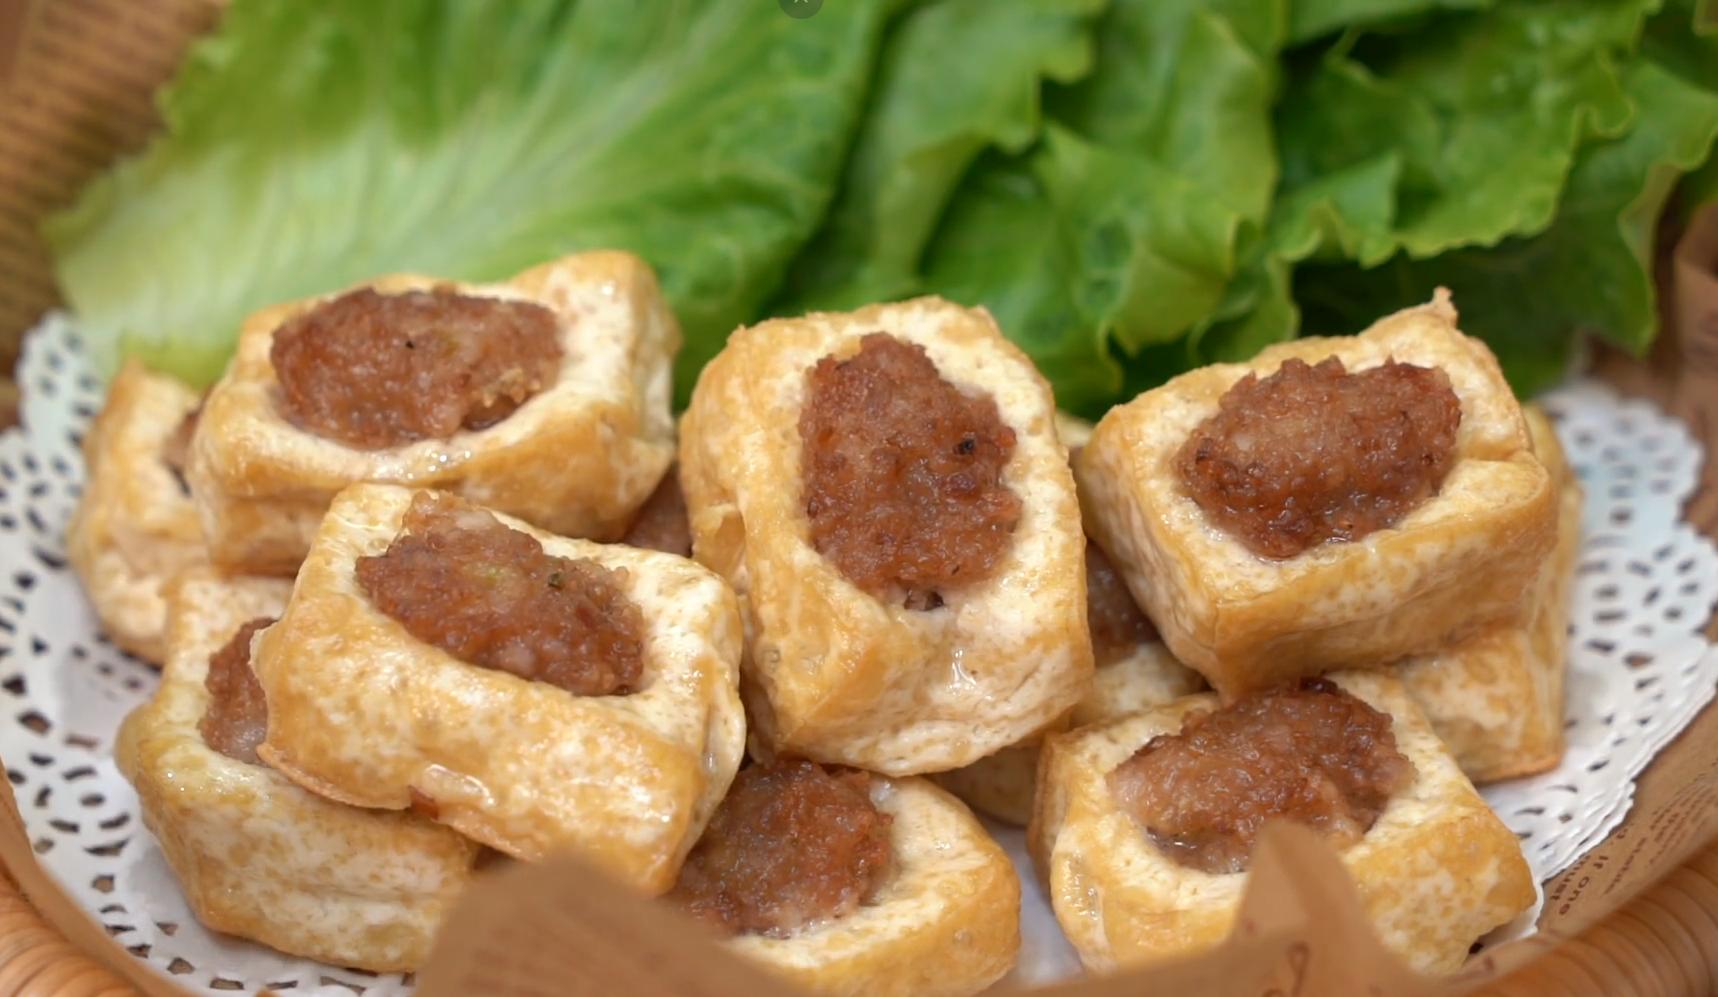 豆腐加一塊五花肉,教你沒吃過的做法,葷素搭配,香到流口水